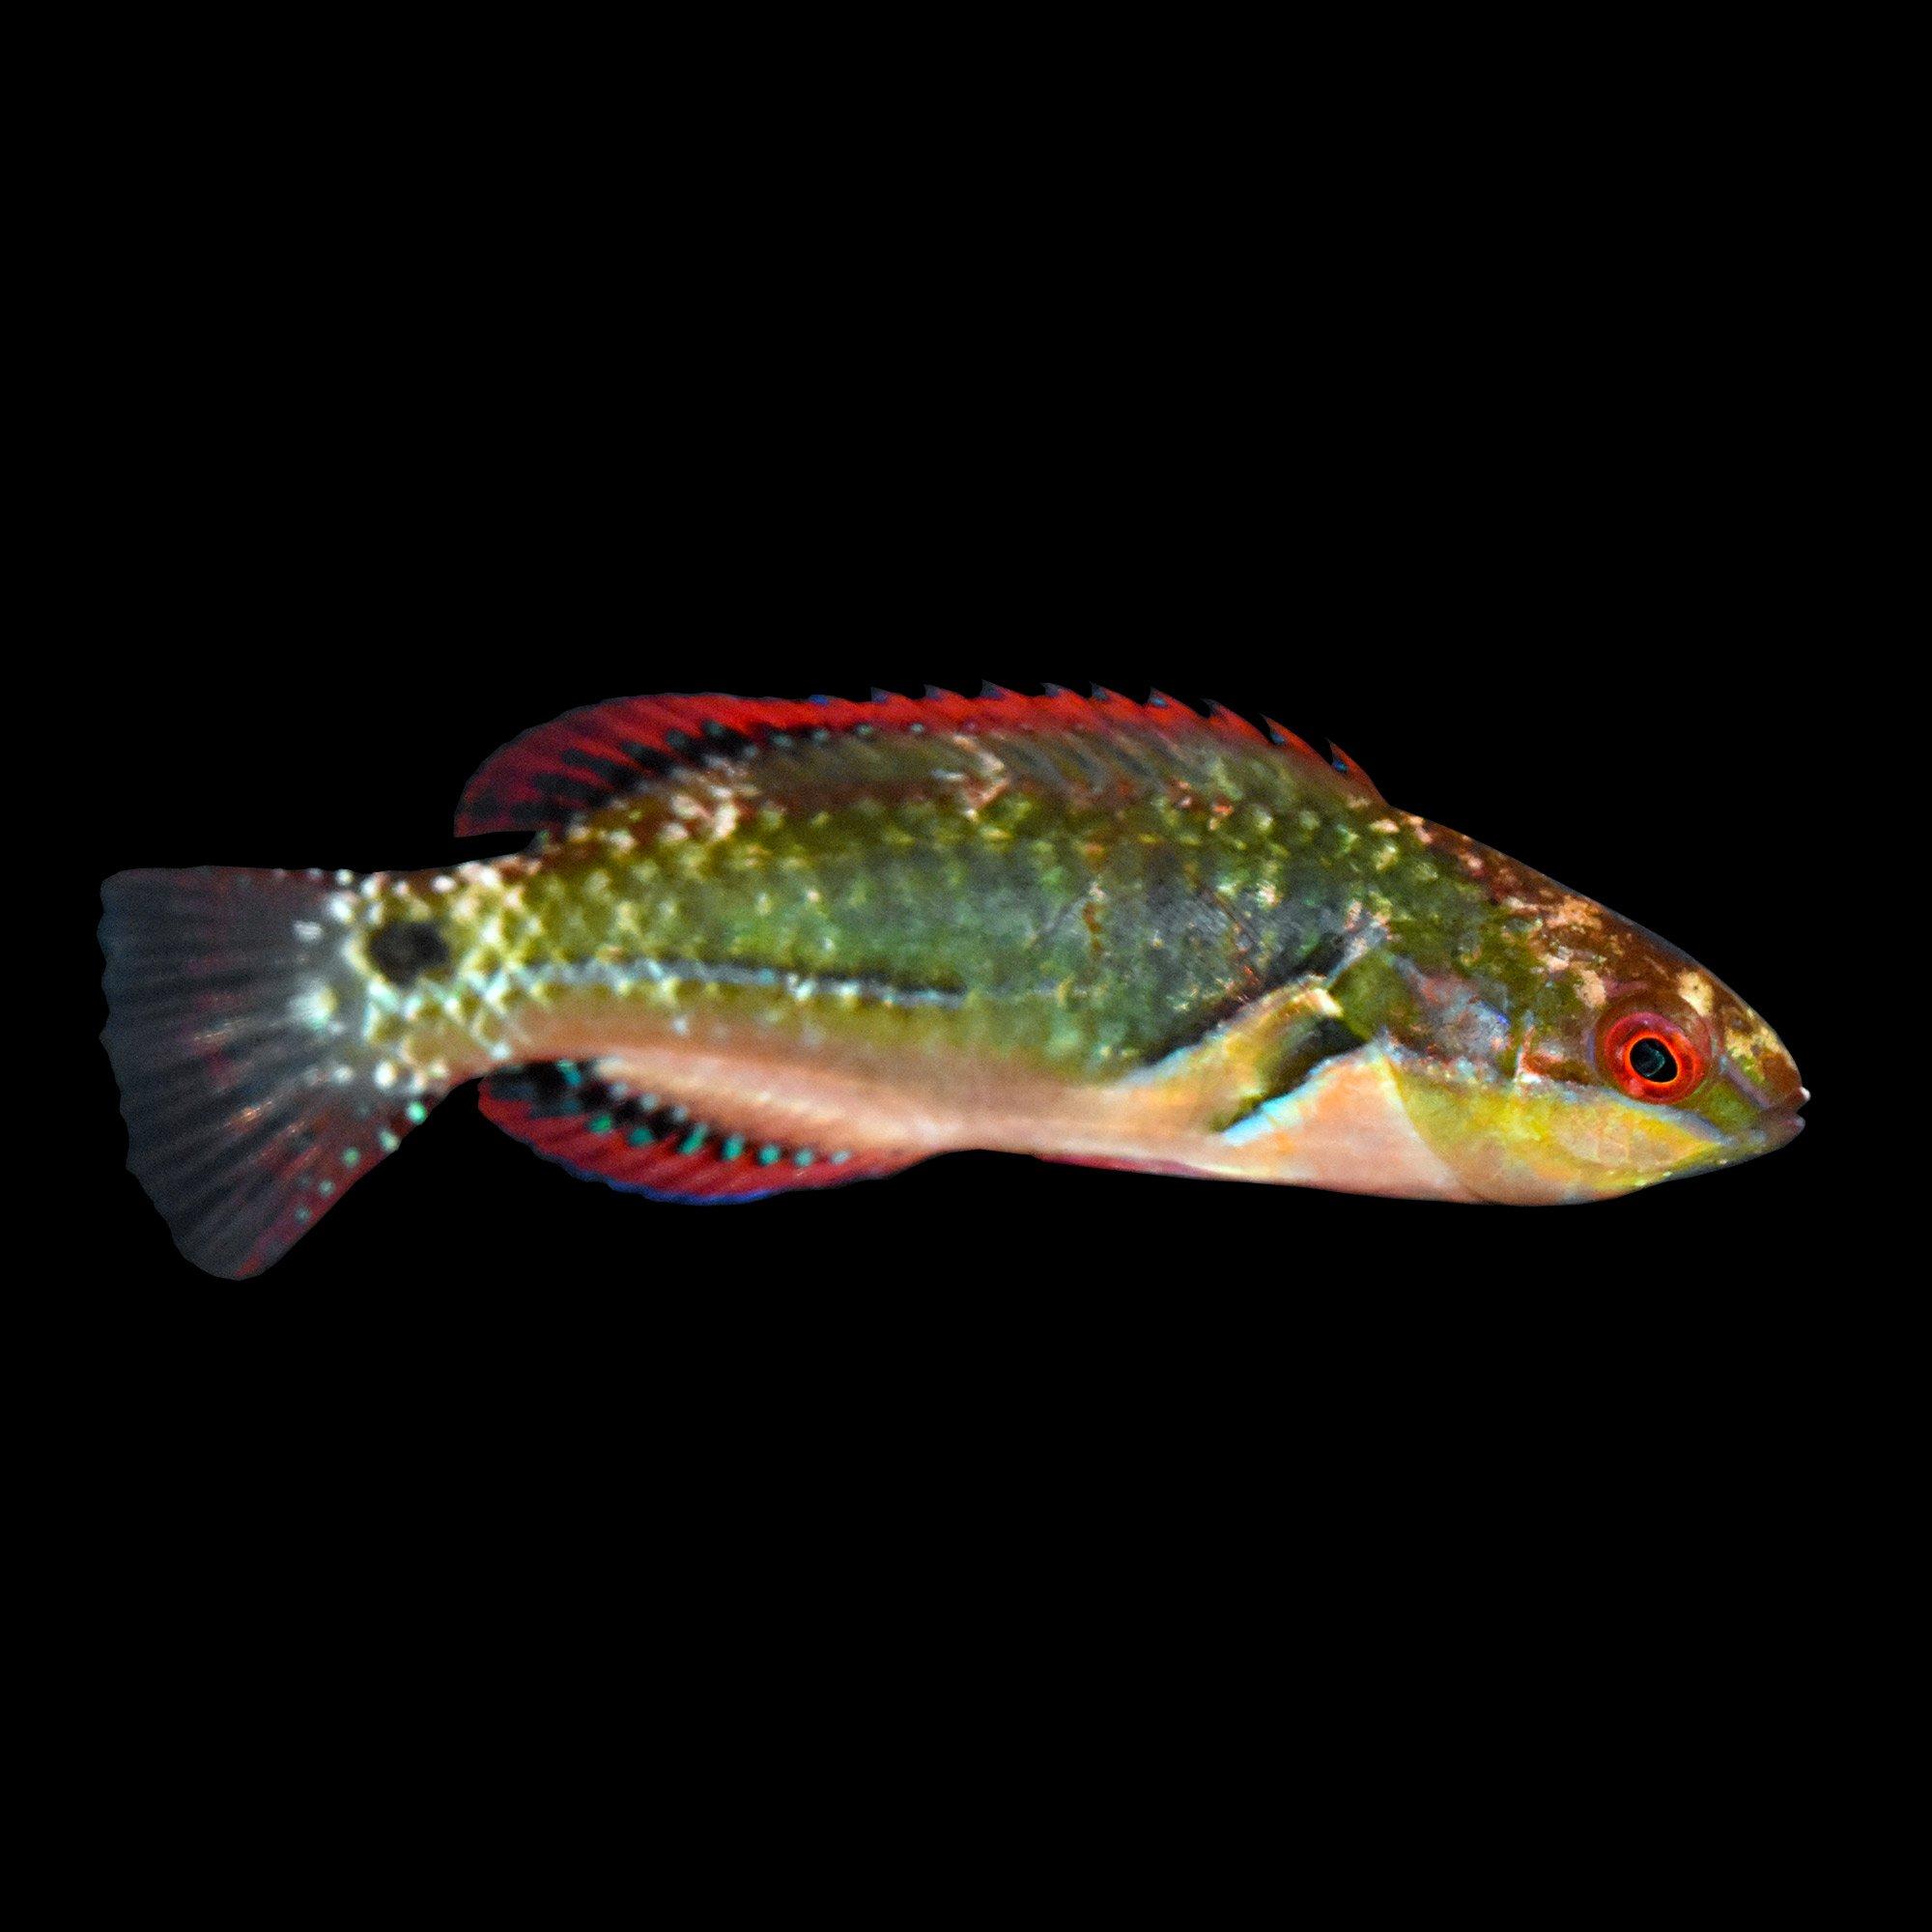 Exquisite wrasse petco for Petco fish prices